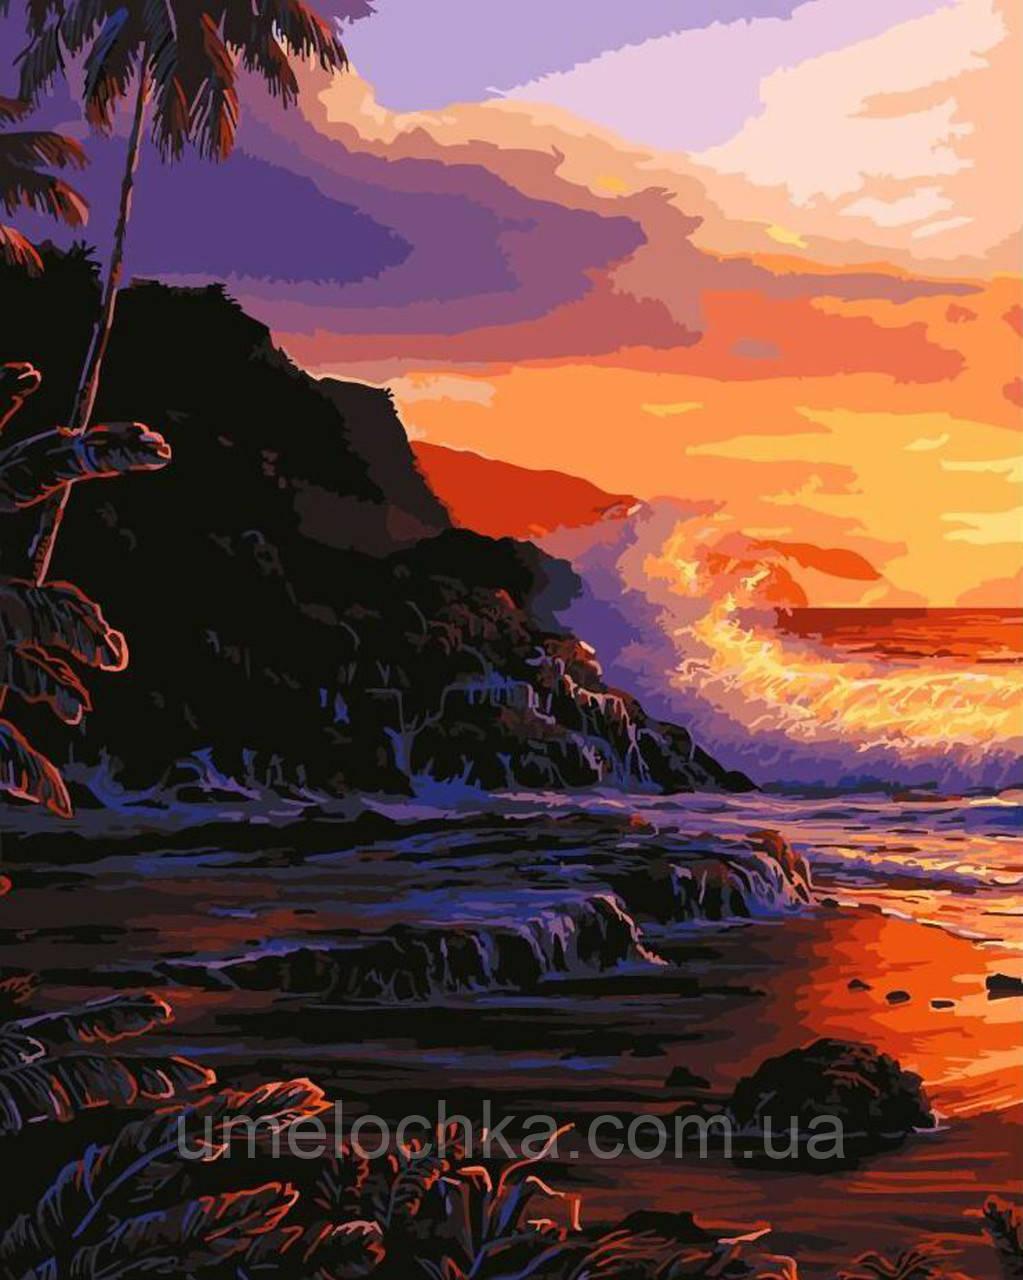 Картина раскраска по номерам без коробки Вечерний прибой (BK-GX5525) 40 х 50 см